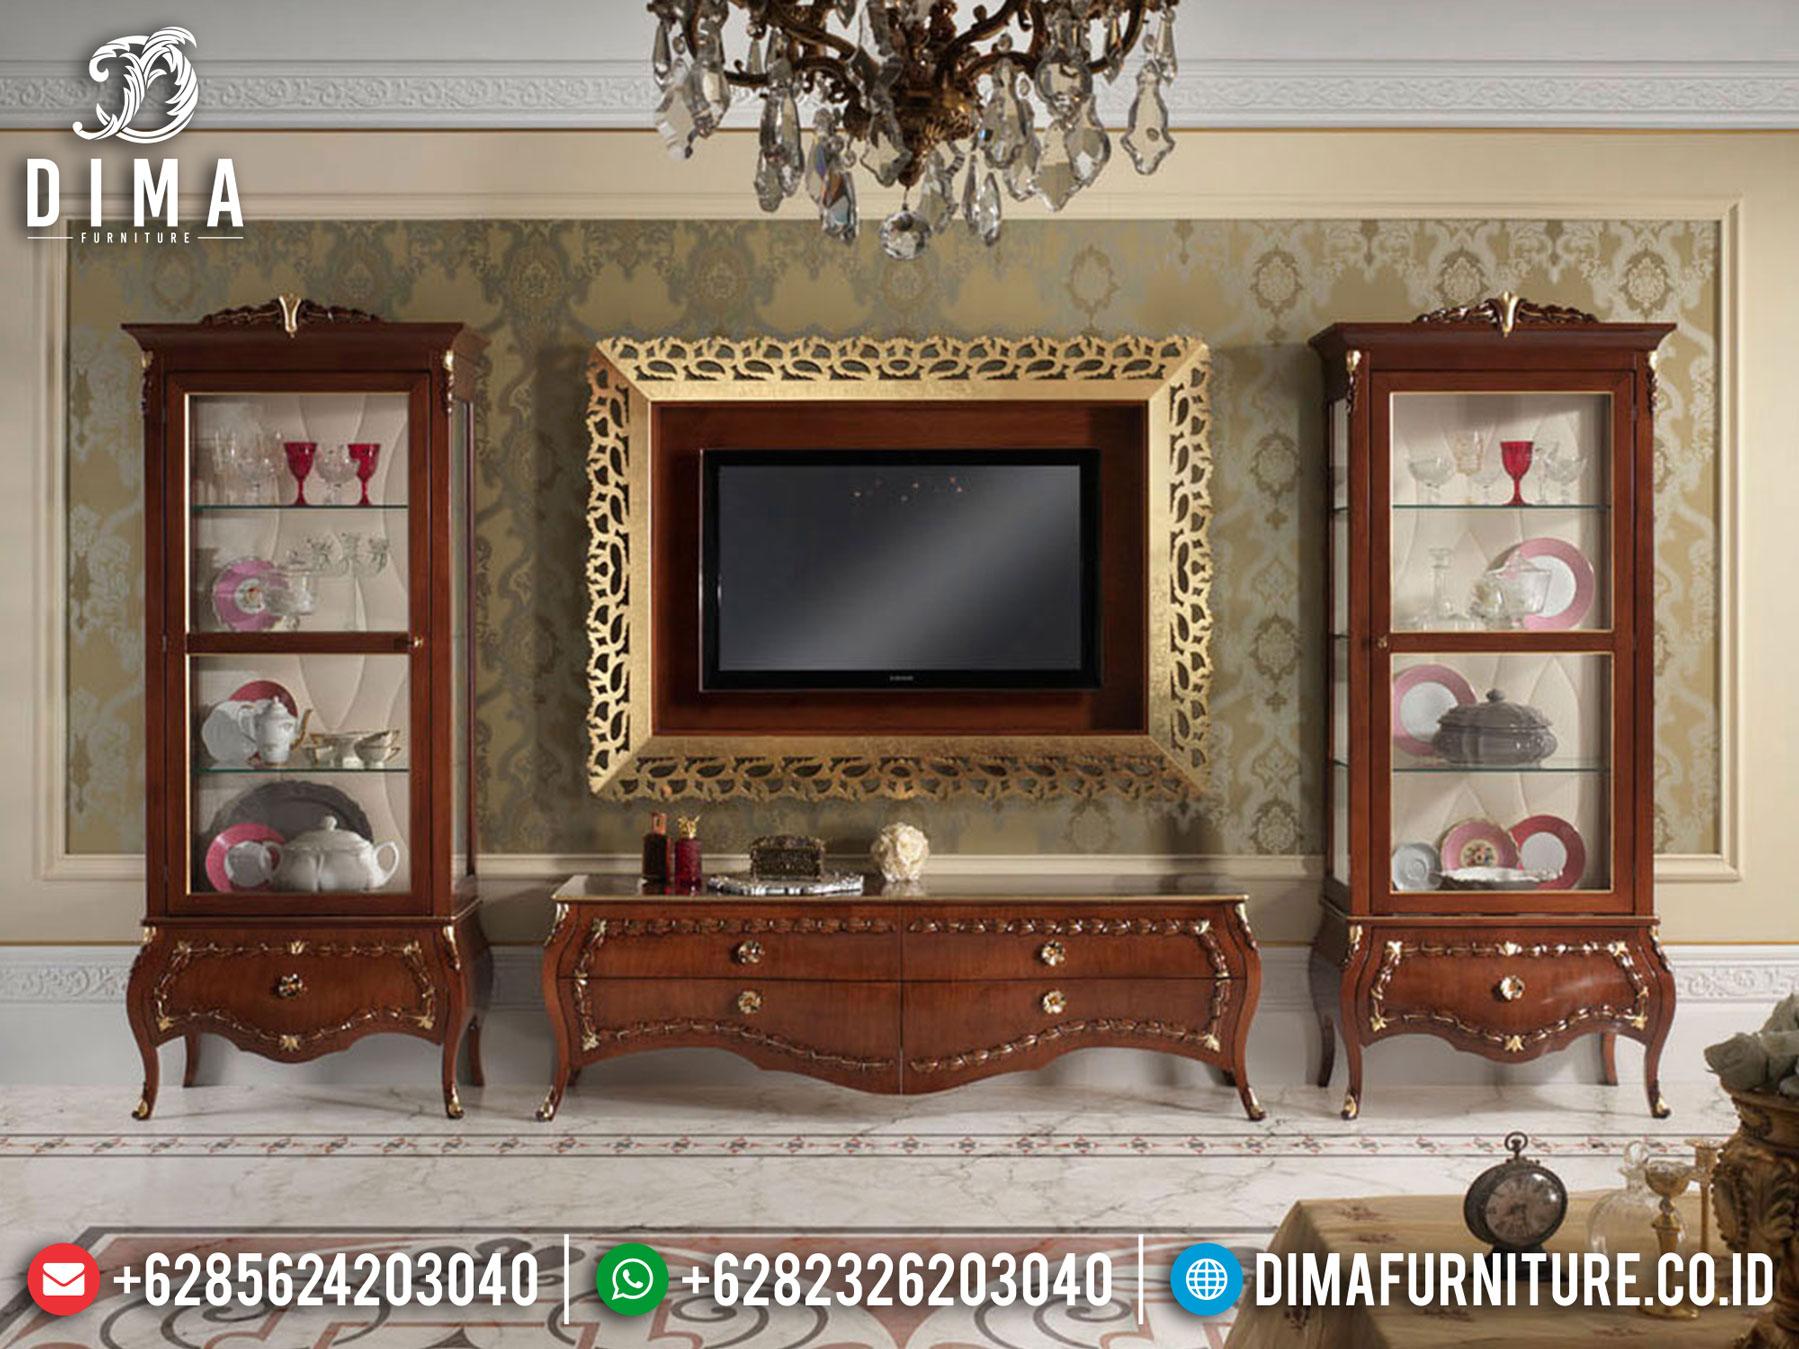 Best Sale Lemari Hias Mewah Set Meja TV Jati Natural Kombinasi BT-0873